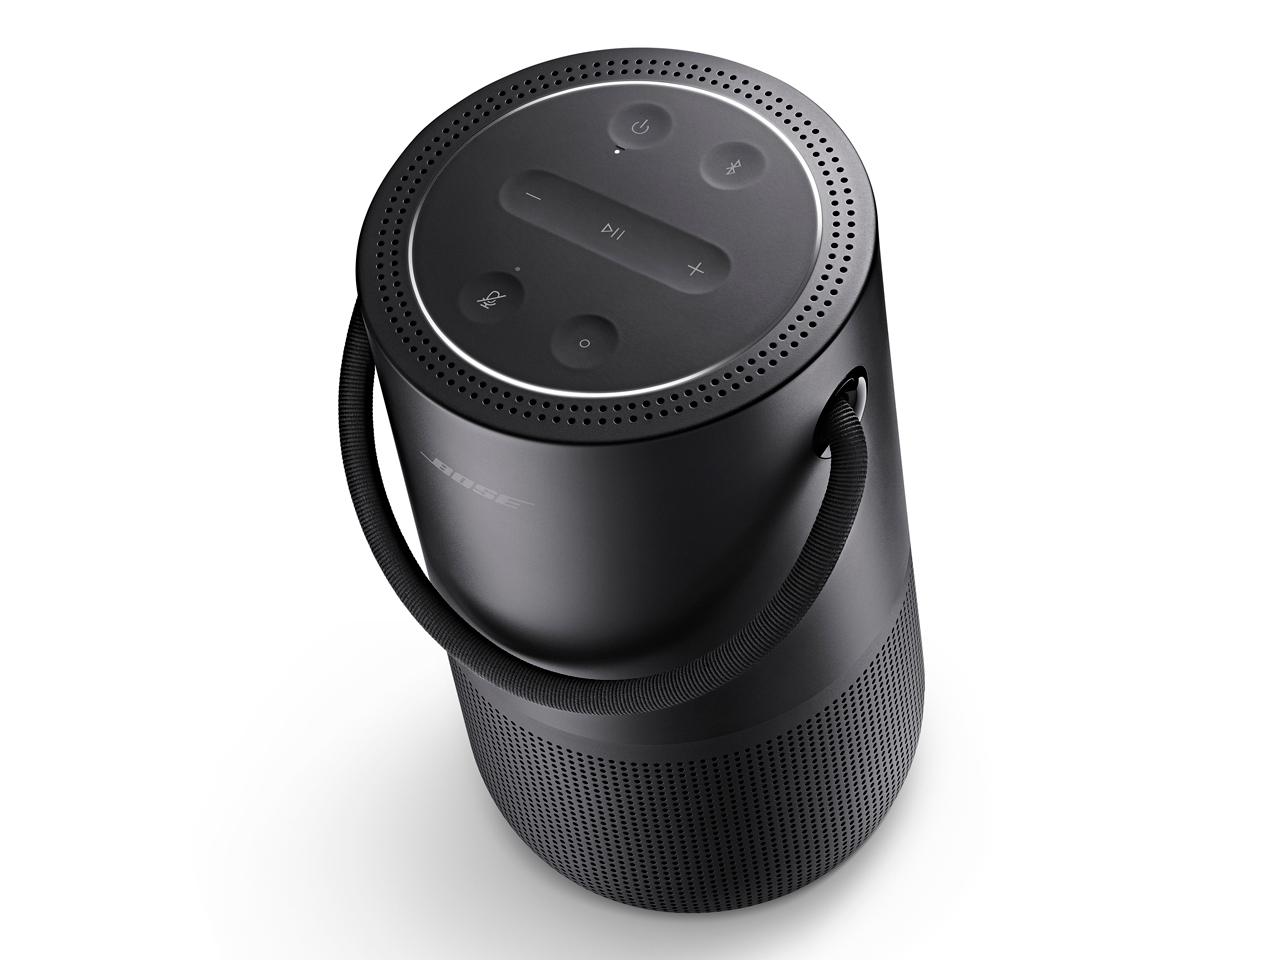 『本体』 Bose Portable Home Speaker [トリプルブラック] の製品画像